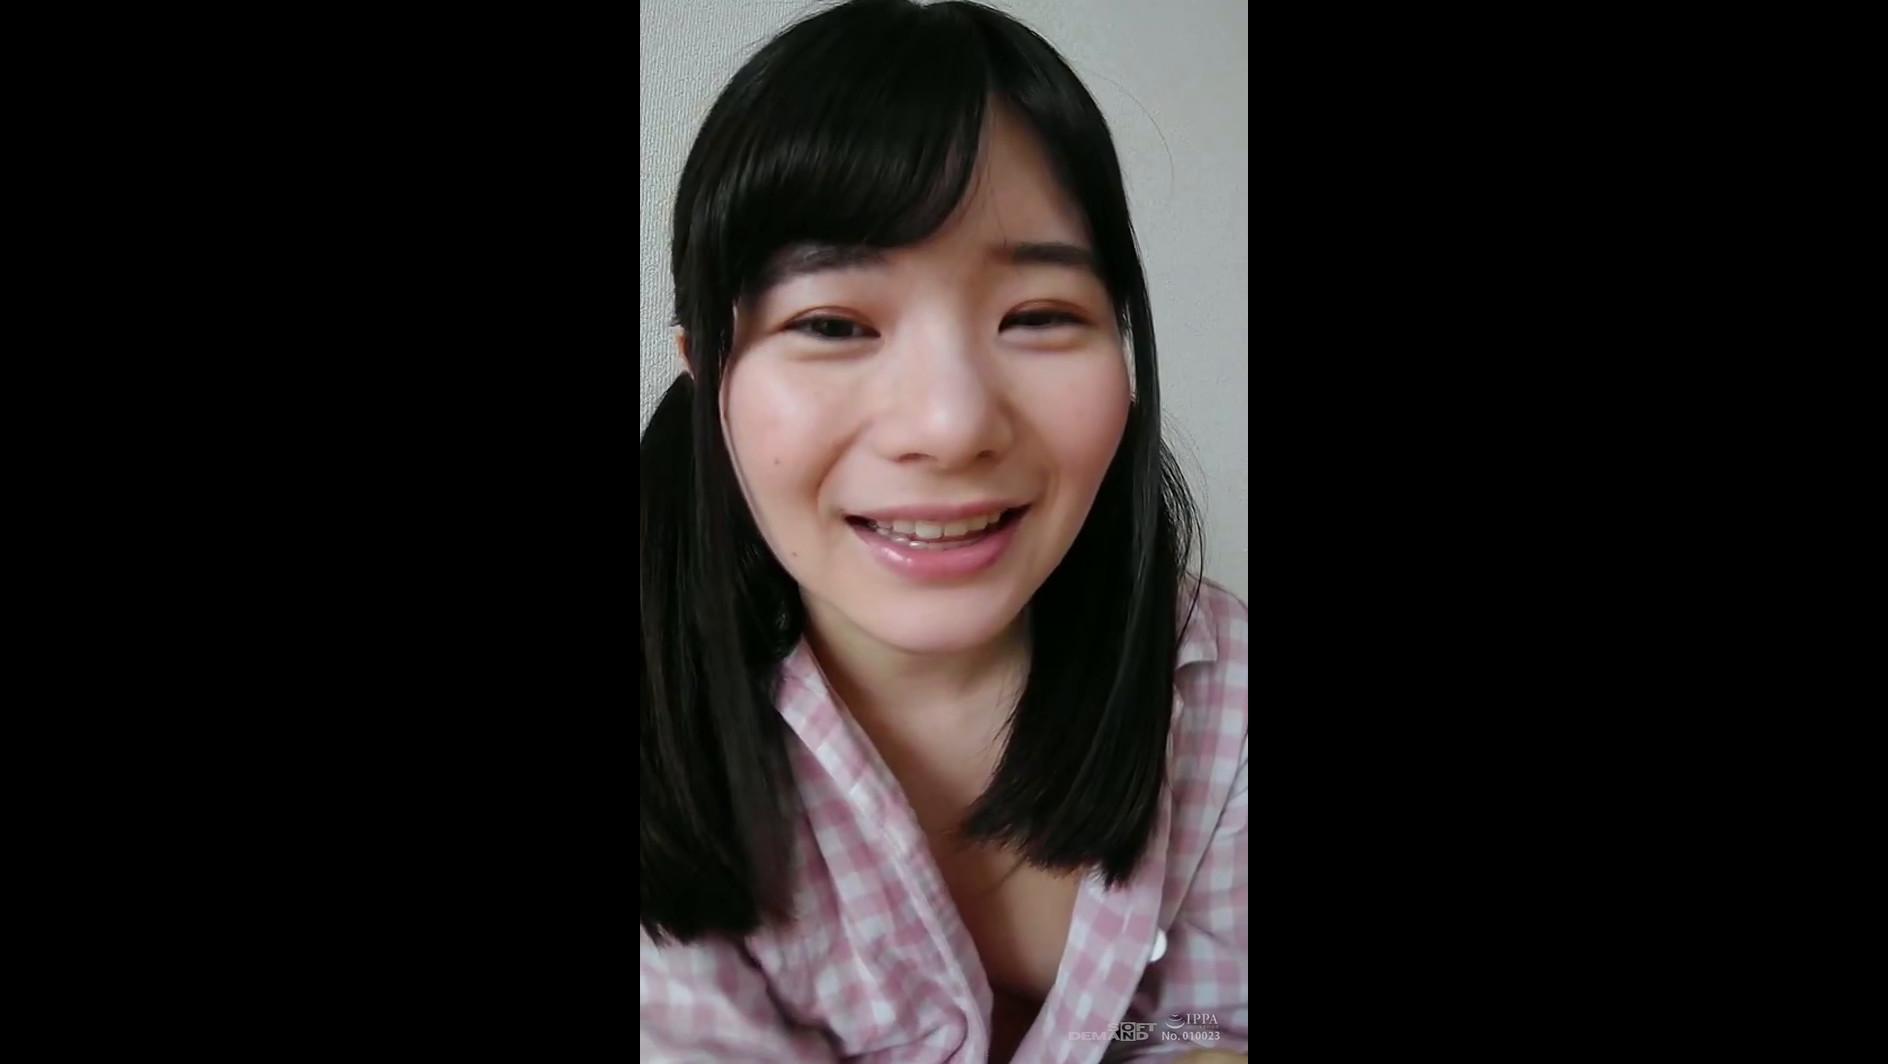 ビデオ通話エッチ JOI りんご 【縦動画】 画像20